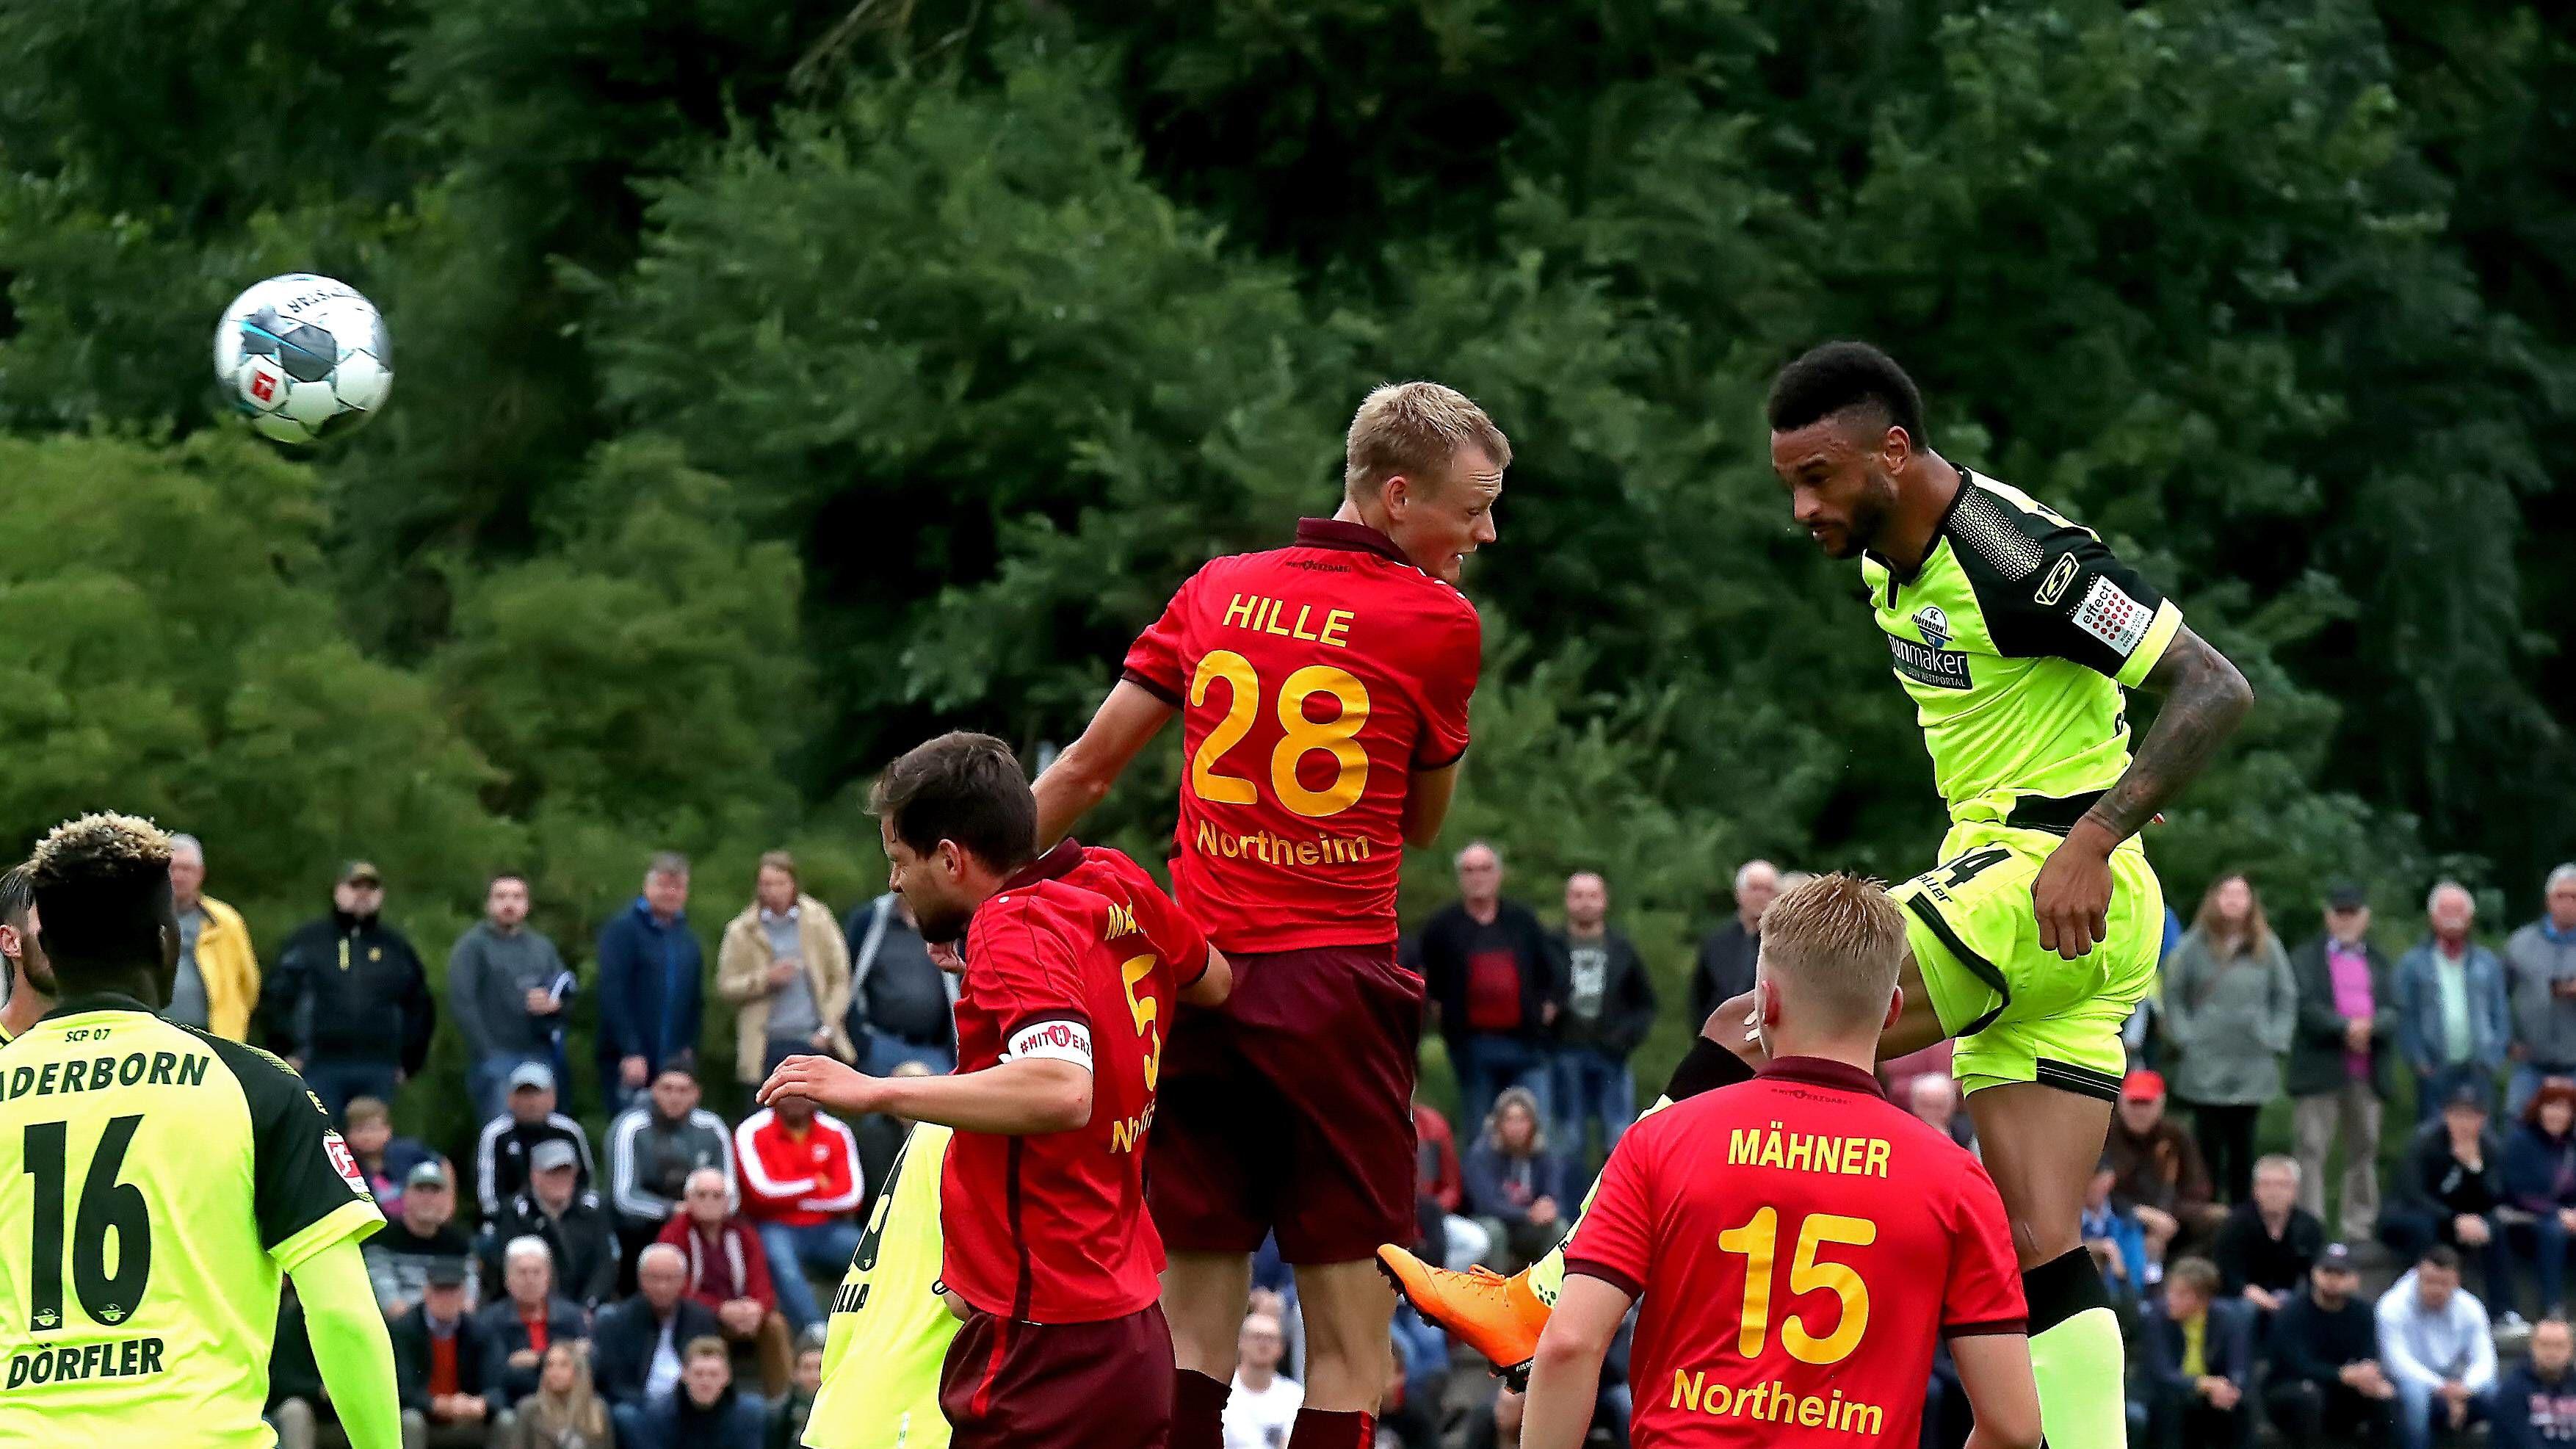 Spielbericht | Eintracht Northeim - SC Paderborn 07 1:4 | KW 29 2019 | Fußball-Vereine Freundschaftsspiele 2019/20 - kicker